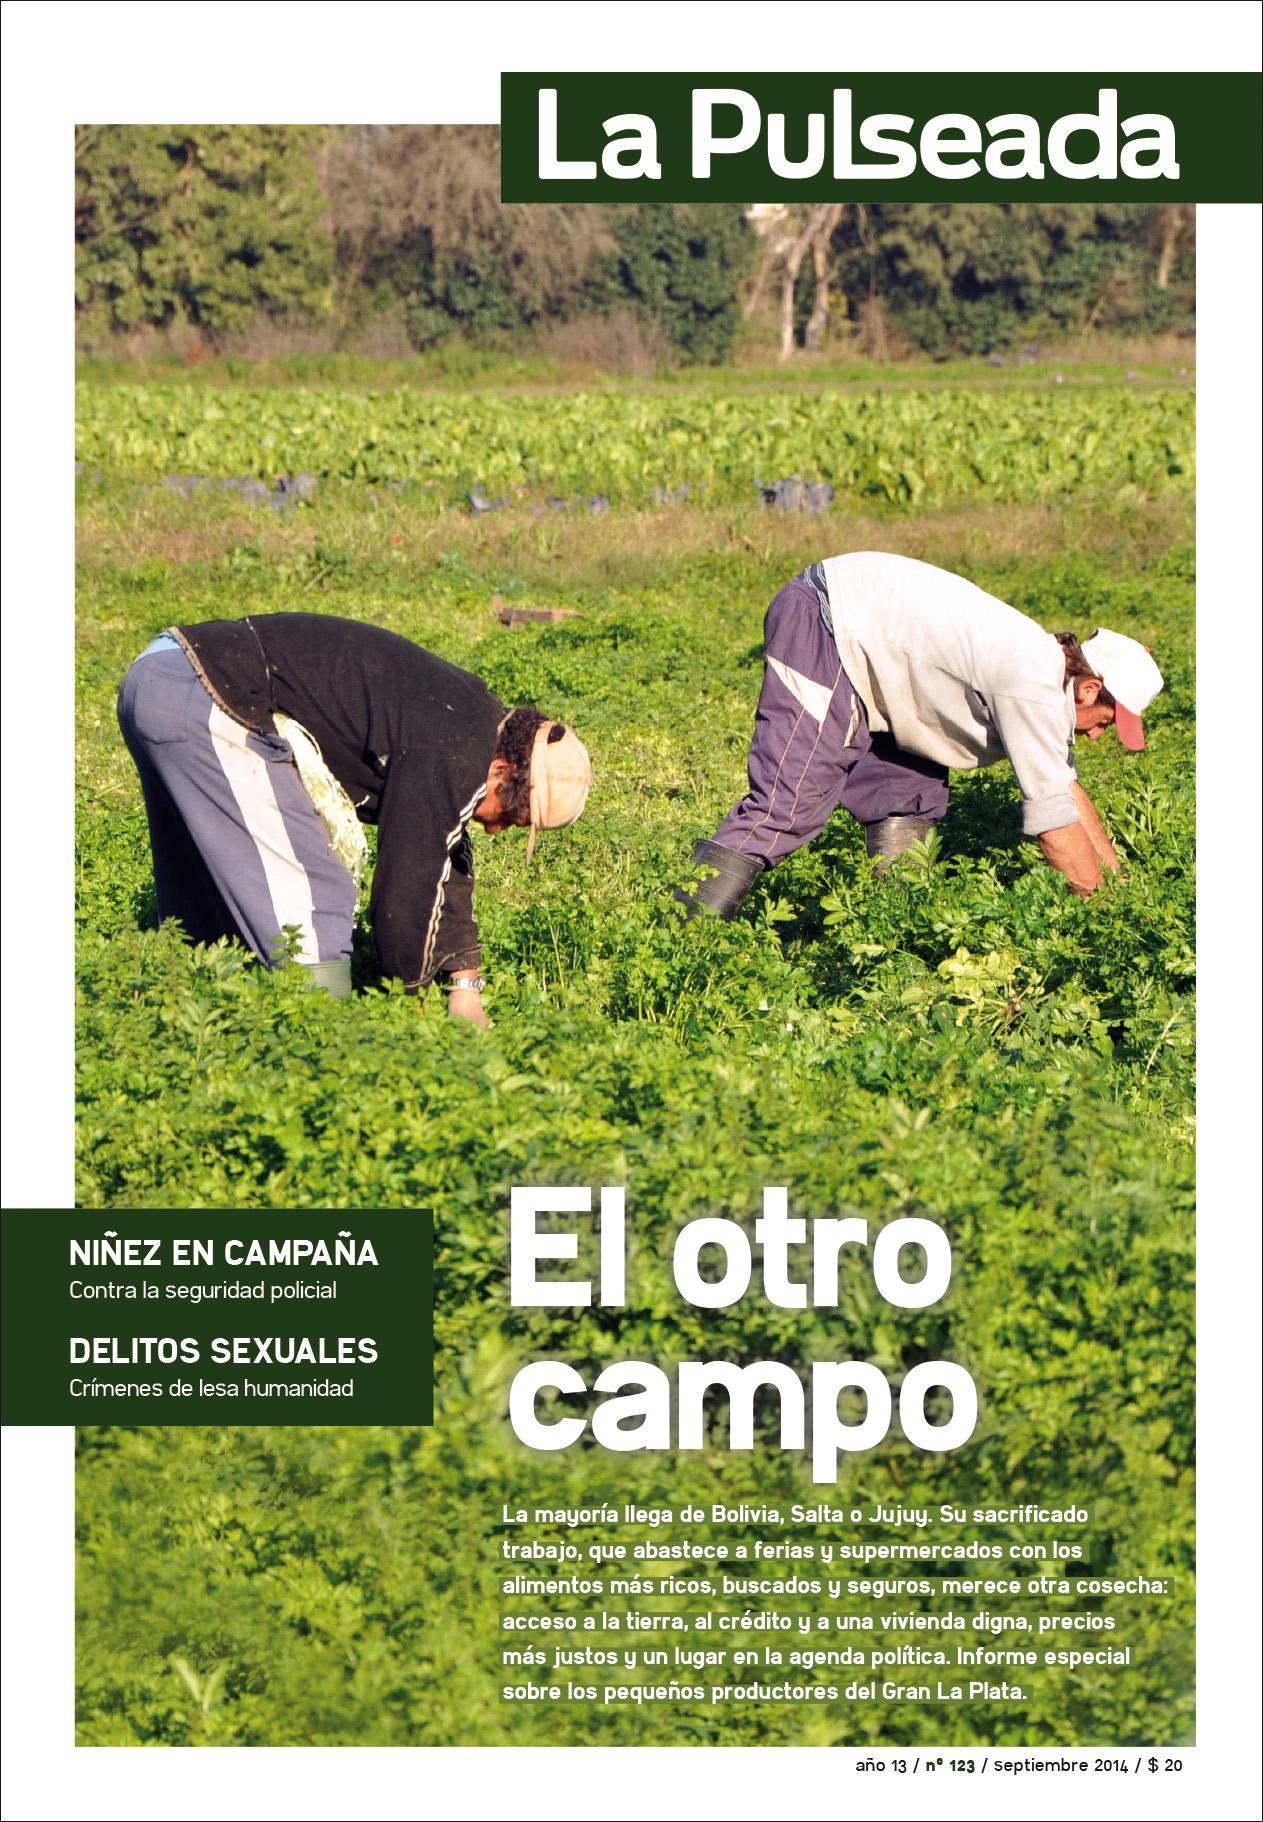 EL OTRO CAMPO